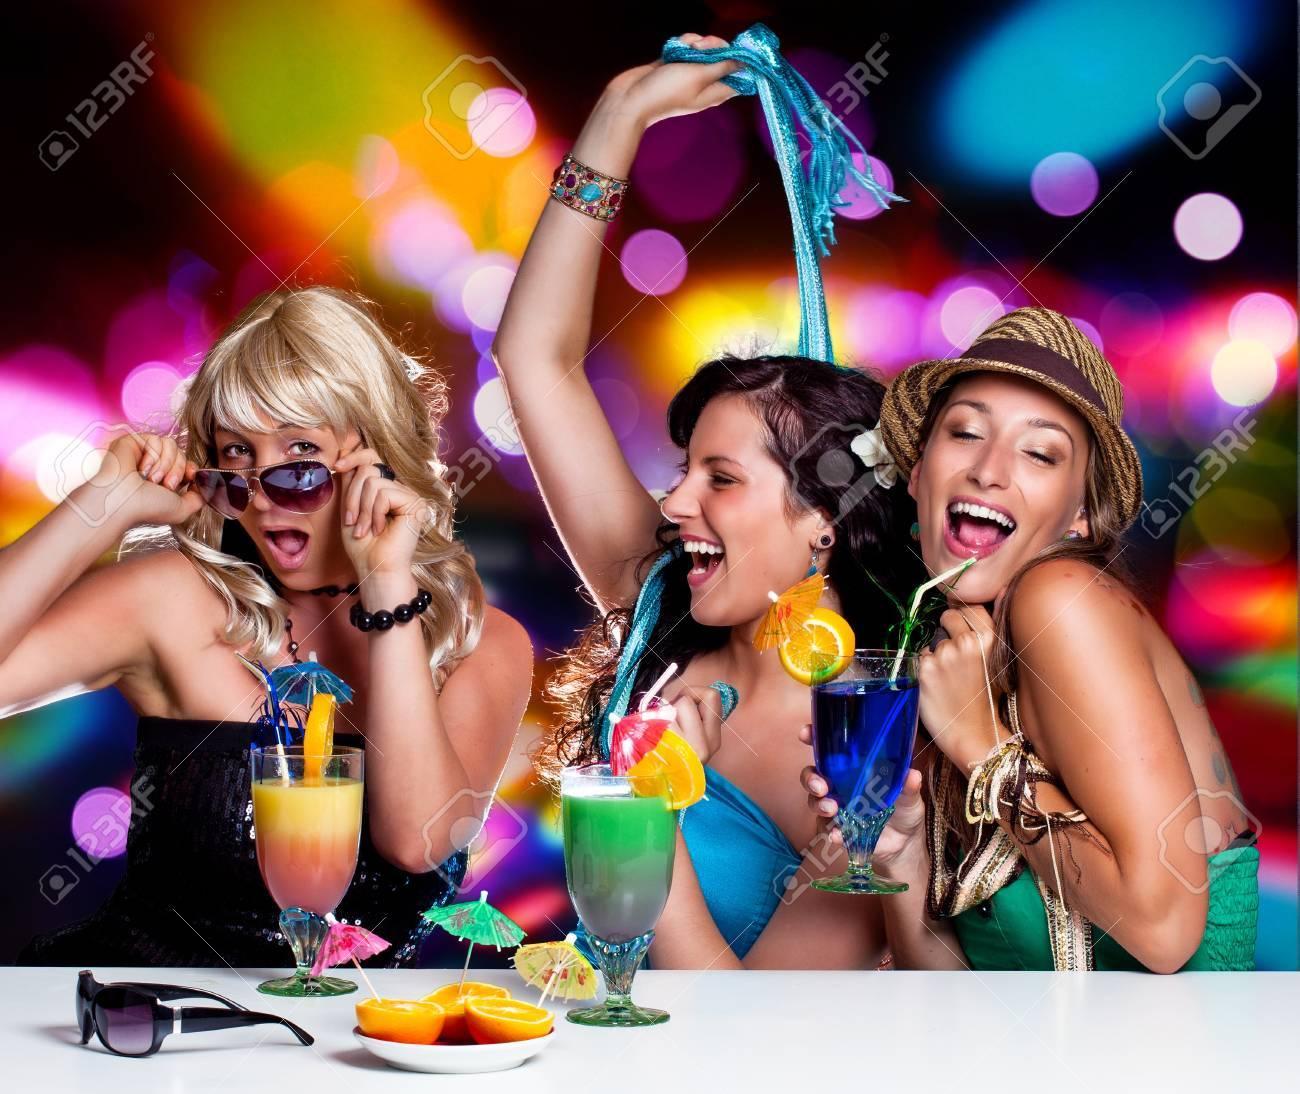 Тусовки девчонок в ночных клубах 6 фотография